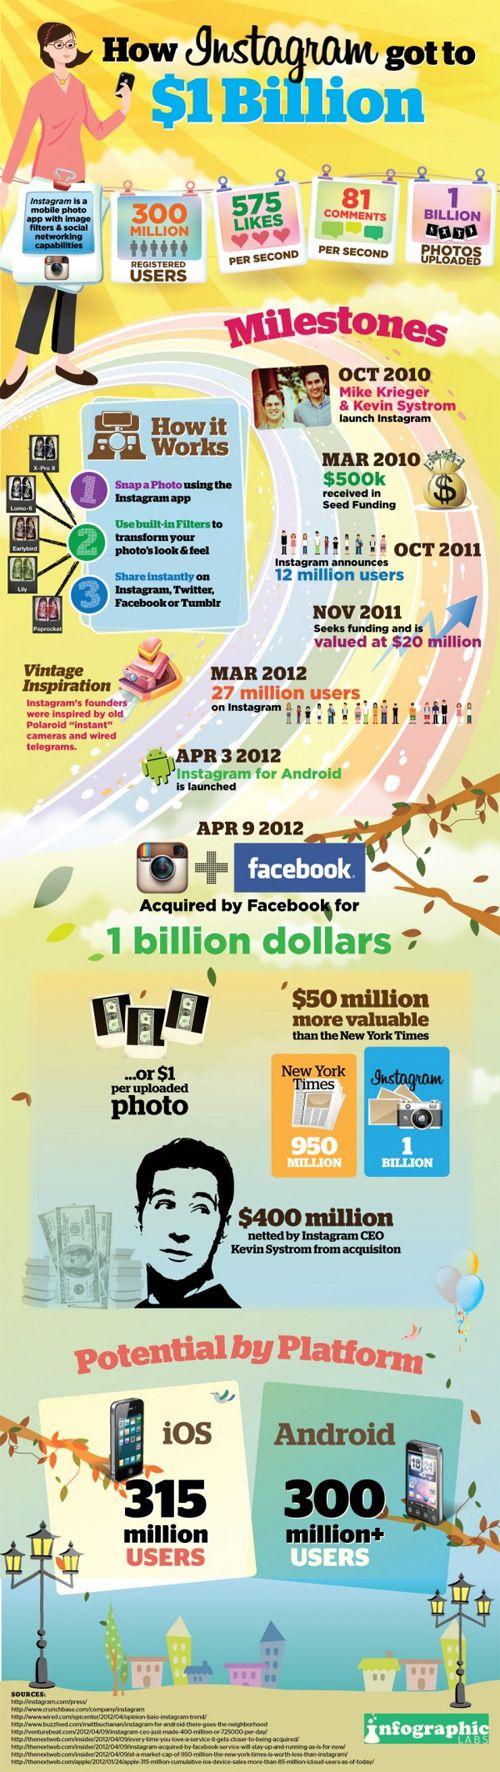 Con más de 300 millones de usuarios registrados y un billón de fotos subidas a la aplicación, Instagram ha pasado de ser un simple programa para subir de un modo sencillo fotos a la Red desde el móvil a convertirse en la nueva gran adquisición de Facebook